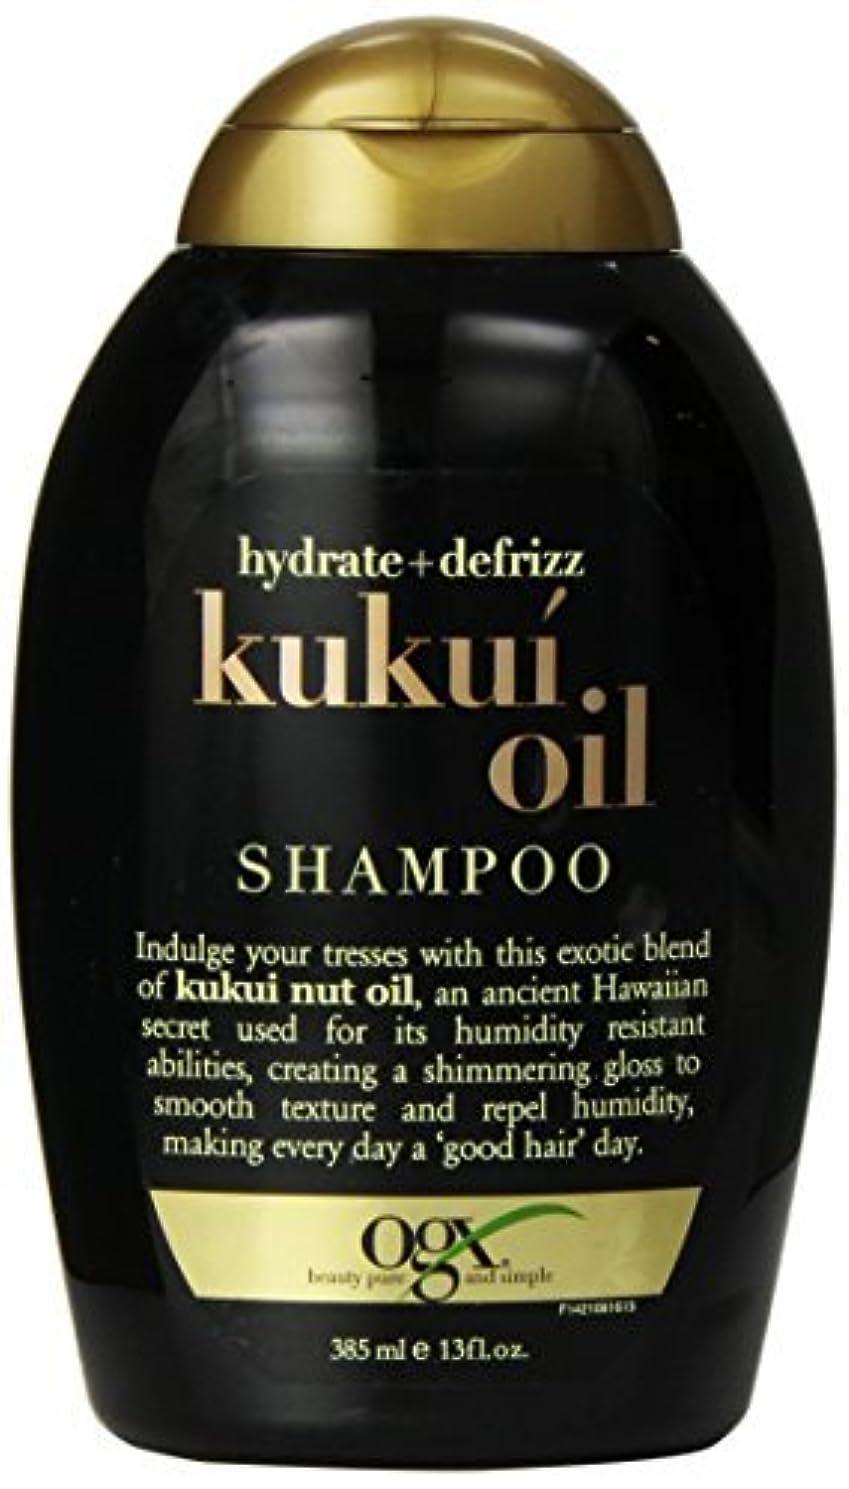 縫い目ブルジョン注釈OGX Kukui Oil Shampoo, Hydrate Plus Defrizz, 13 Ounce [並行輸入品]